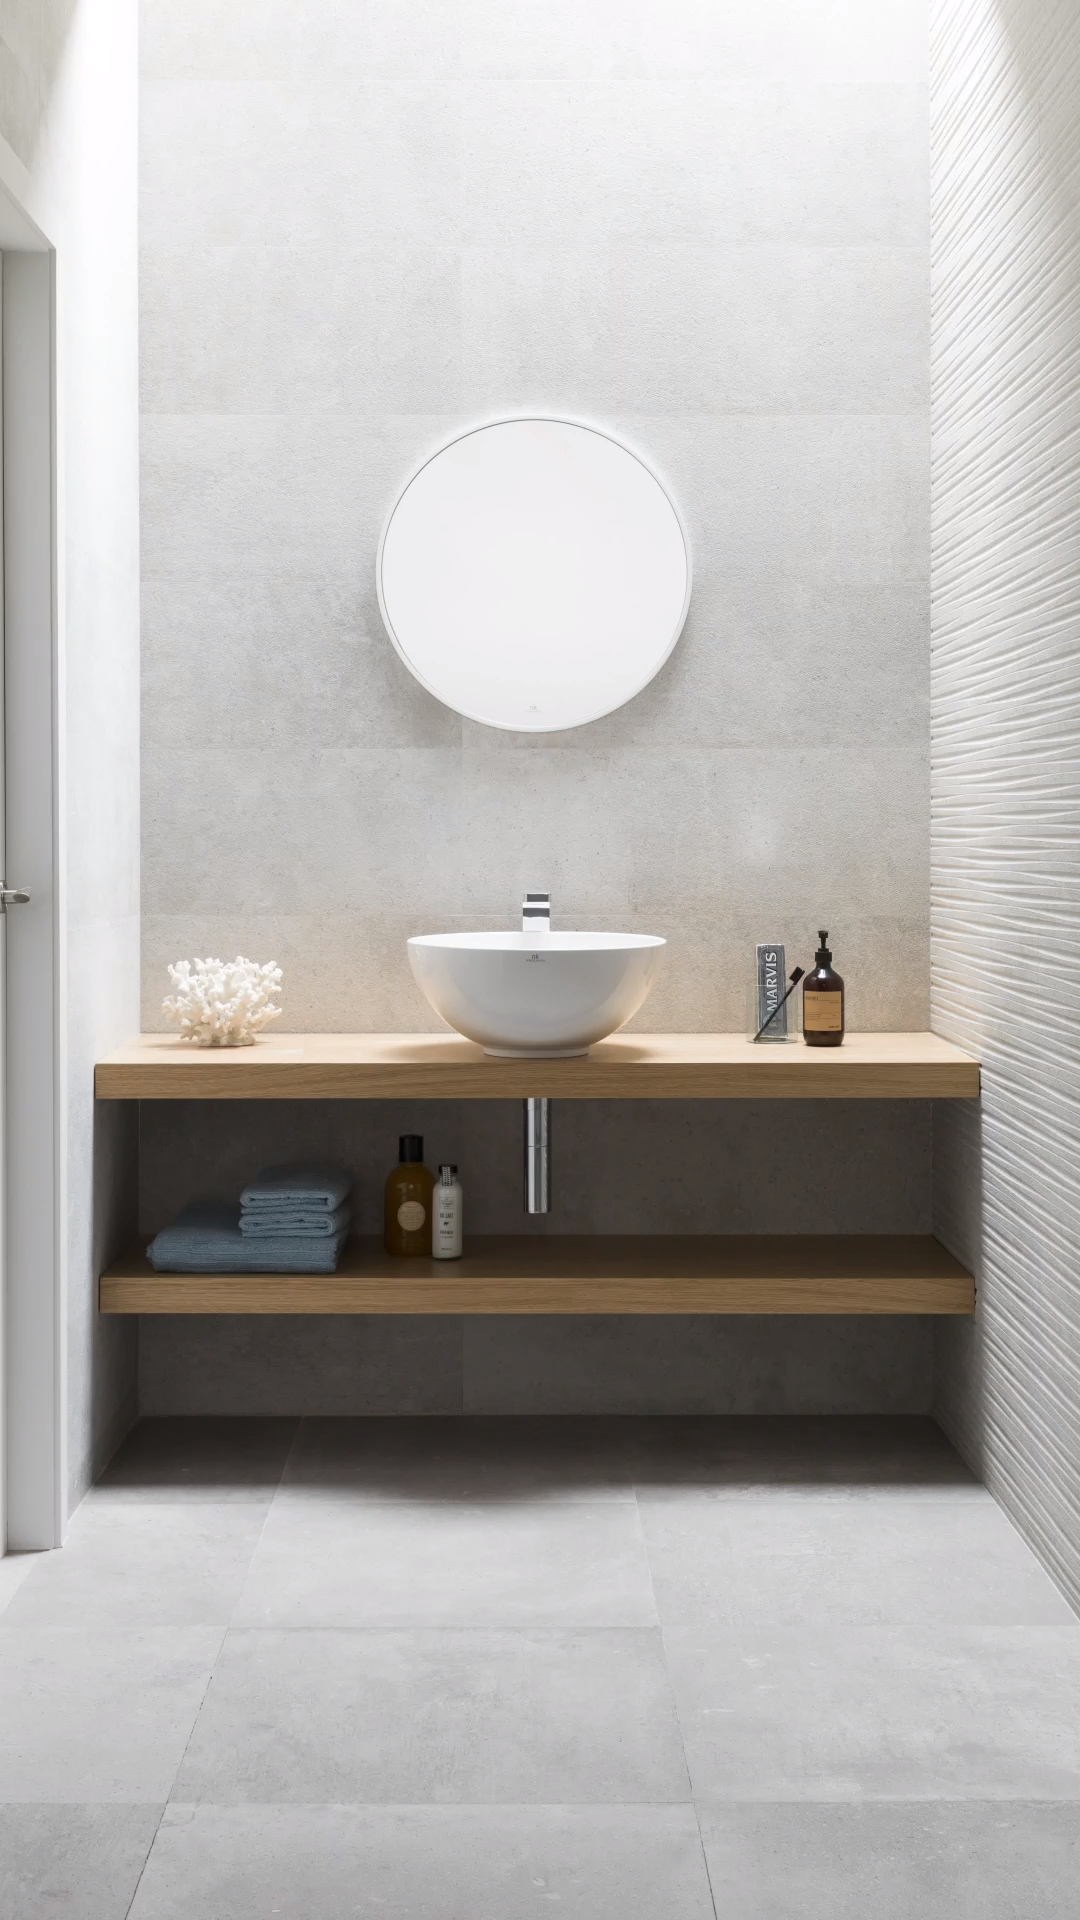 Bancada De Madeira Do Projeto Madeira Do Projeto Uma Bancada Natural E Modu In 2020 Small Bathroom Makeover Industrial Style Bathroom Bathroom Interior Design